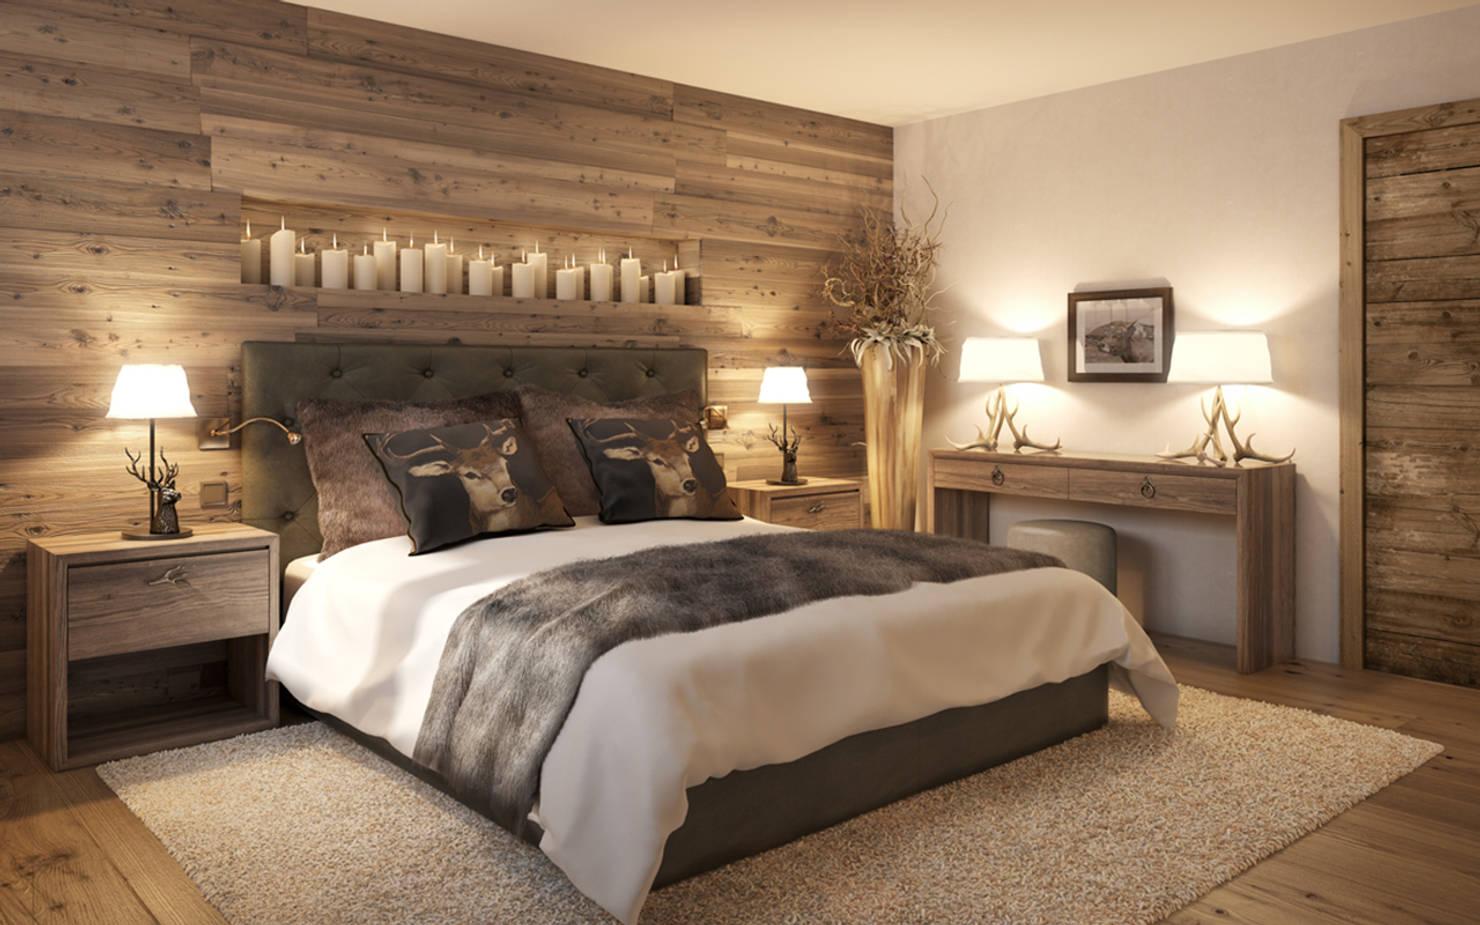 Die 5 beliebtesten Schlafzimmer des Jahres